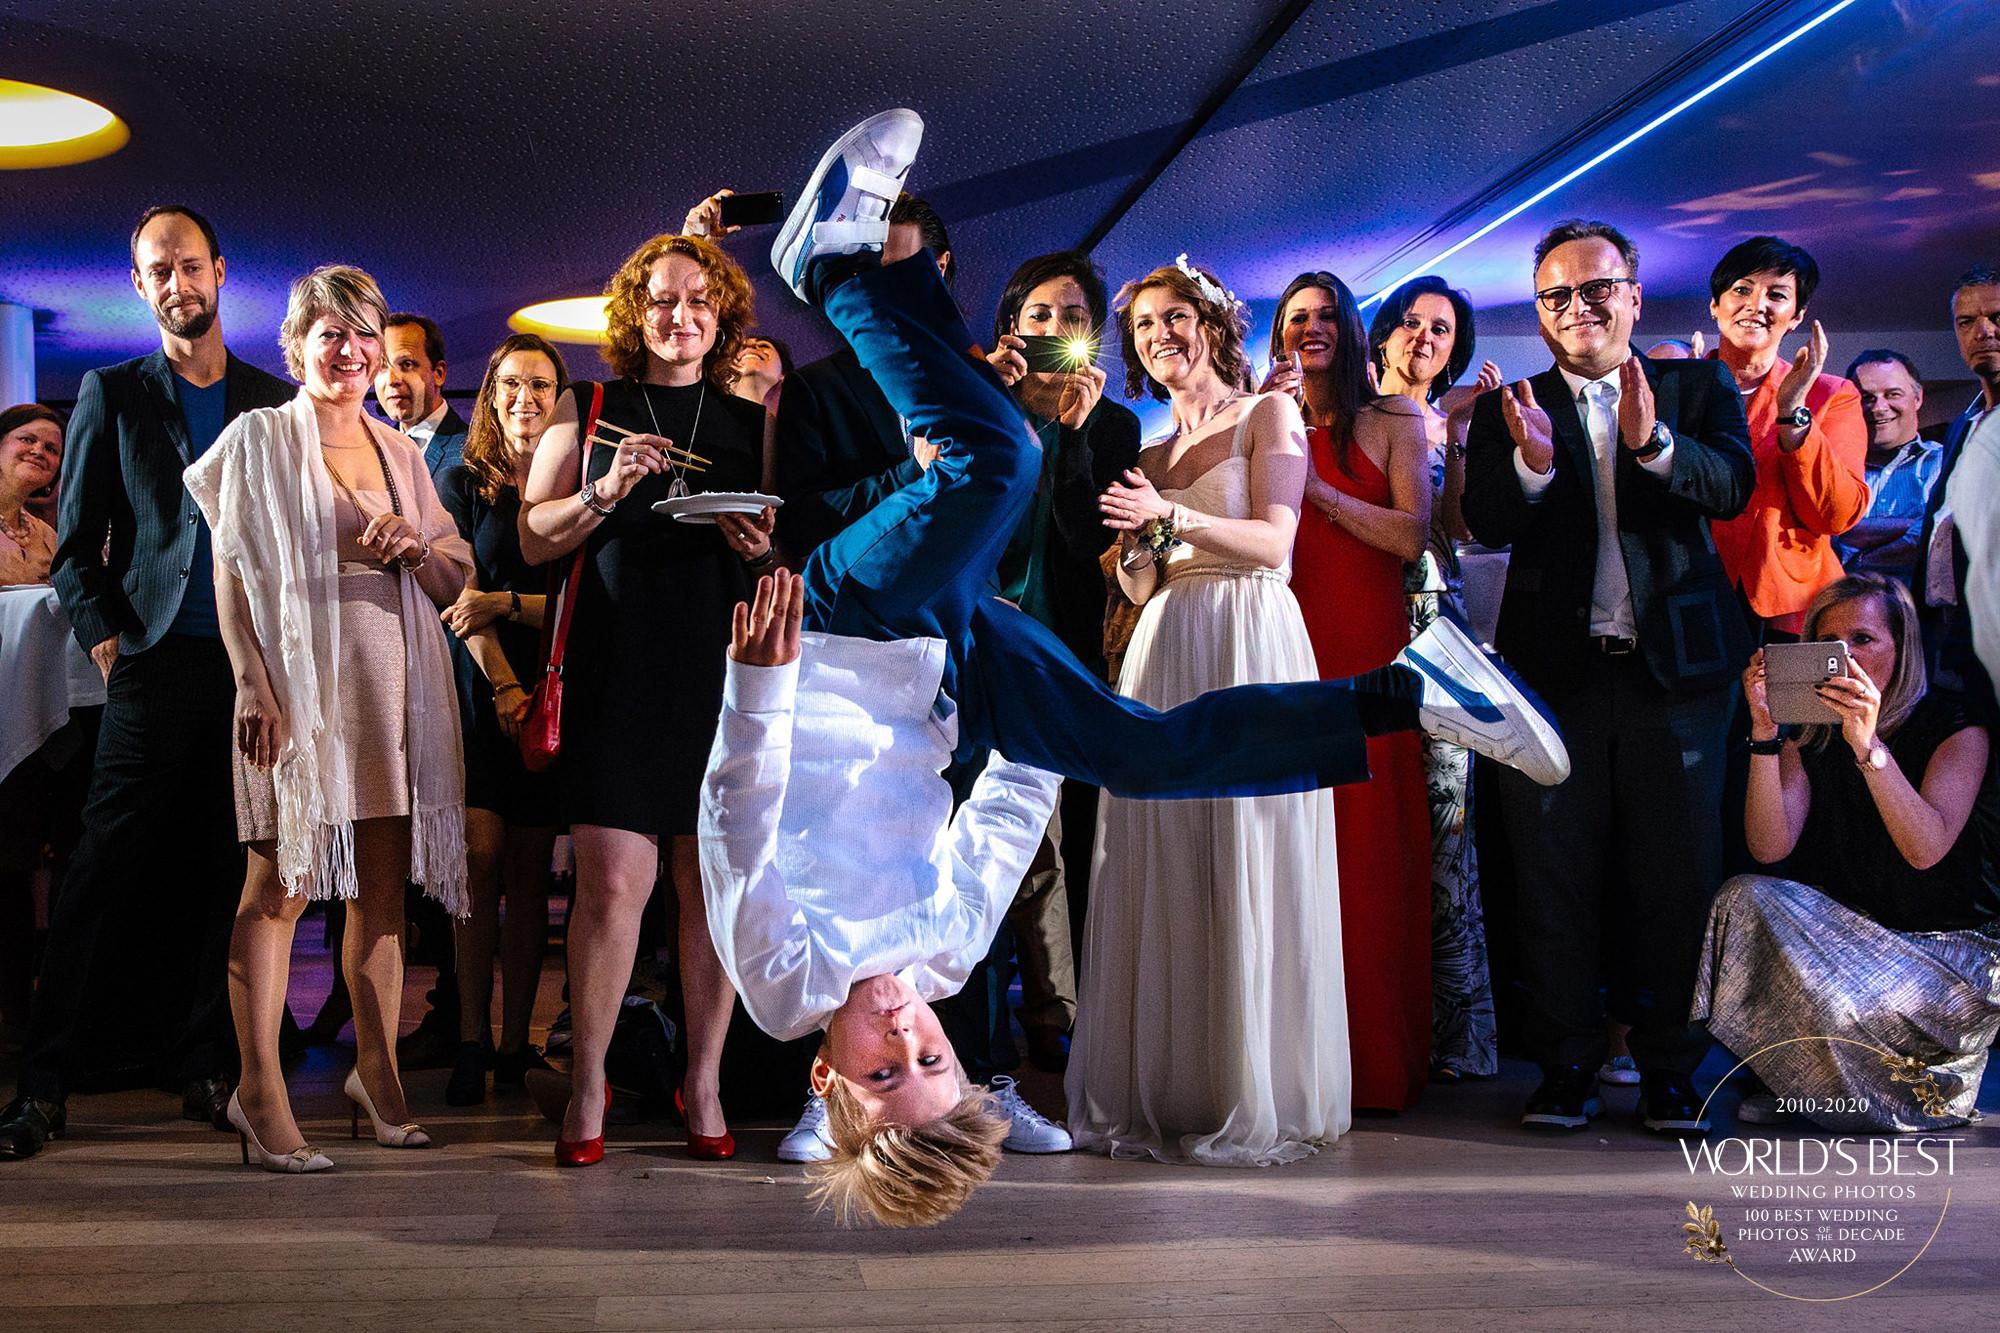 Award-winning dance floor photo by Yves Schepers - Belgium